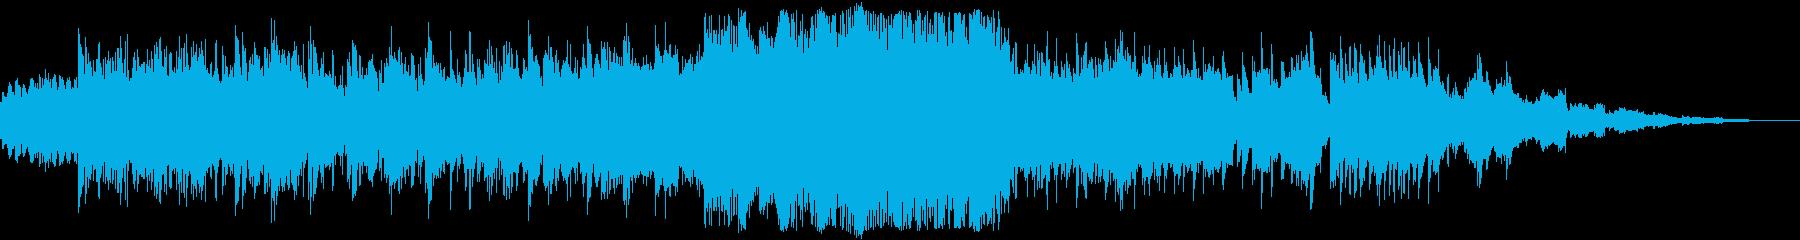 古時計のようになつかしいアンビエントの再生済みの波形